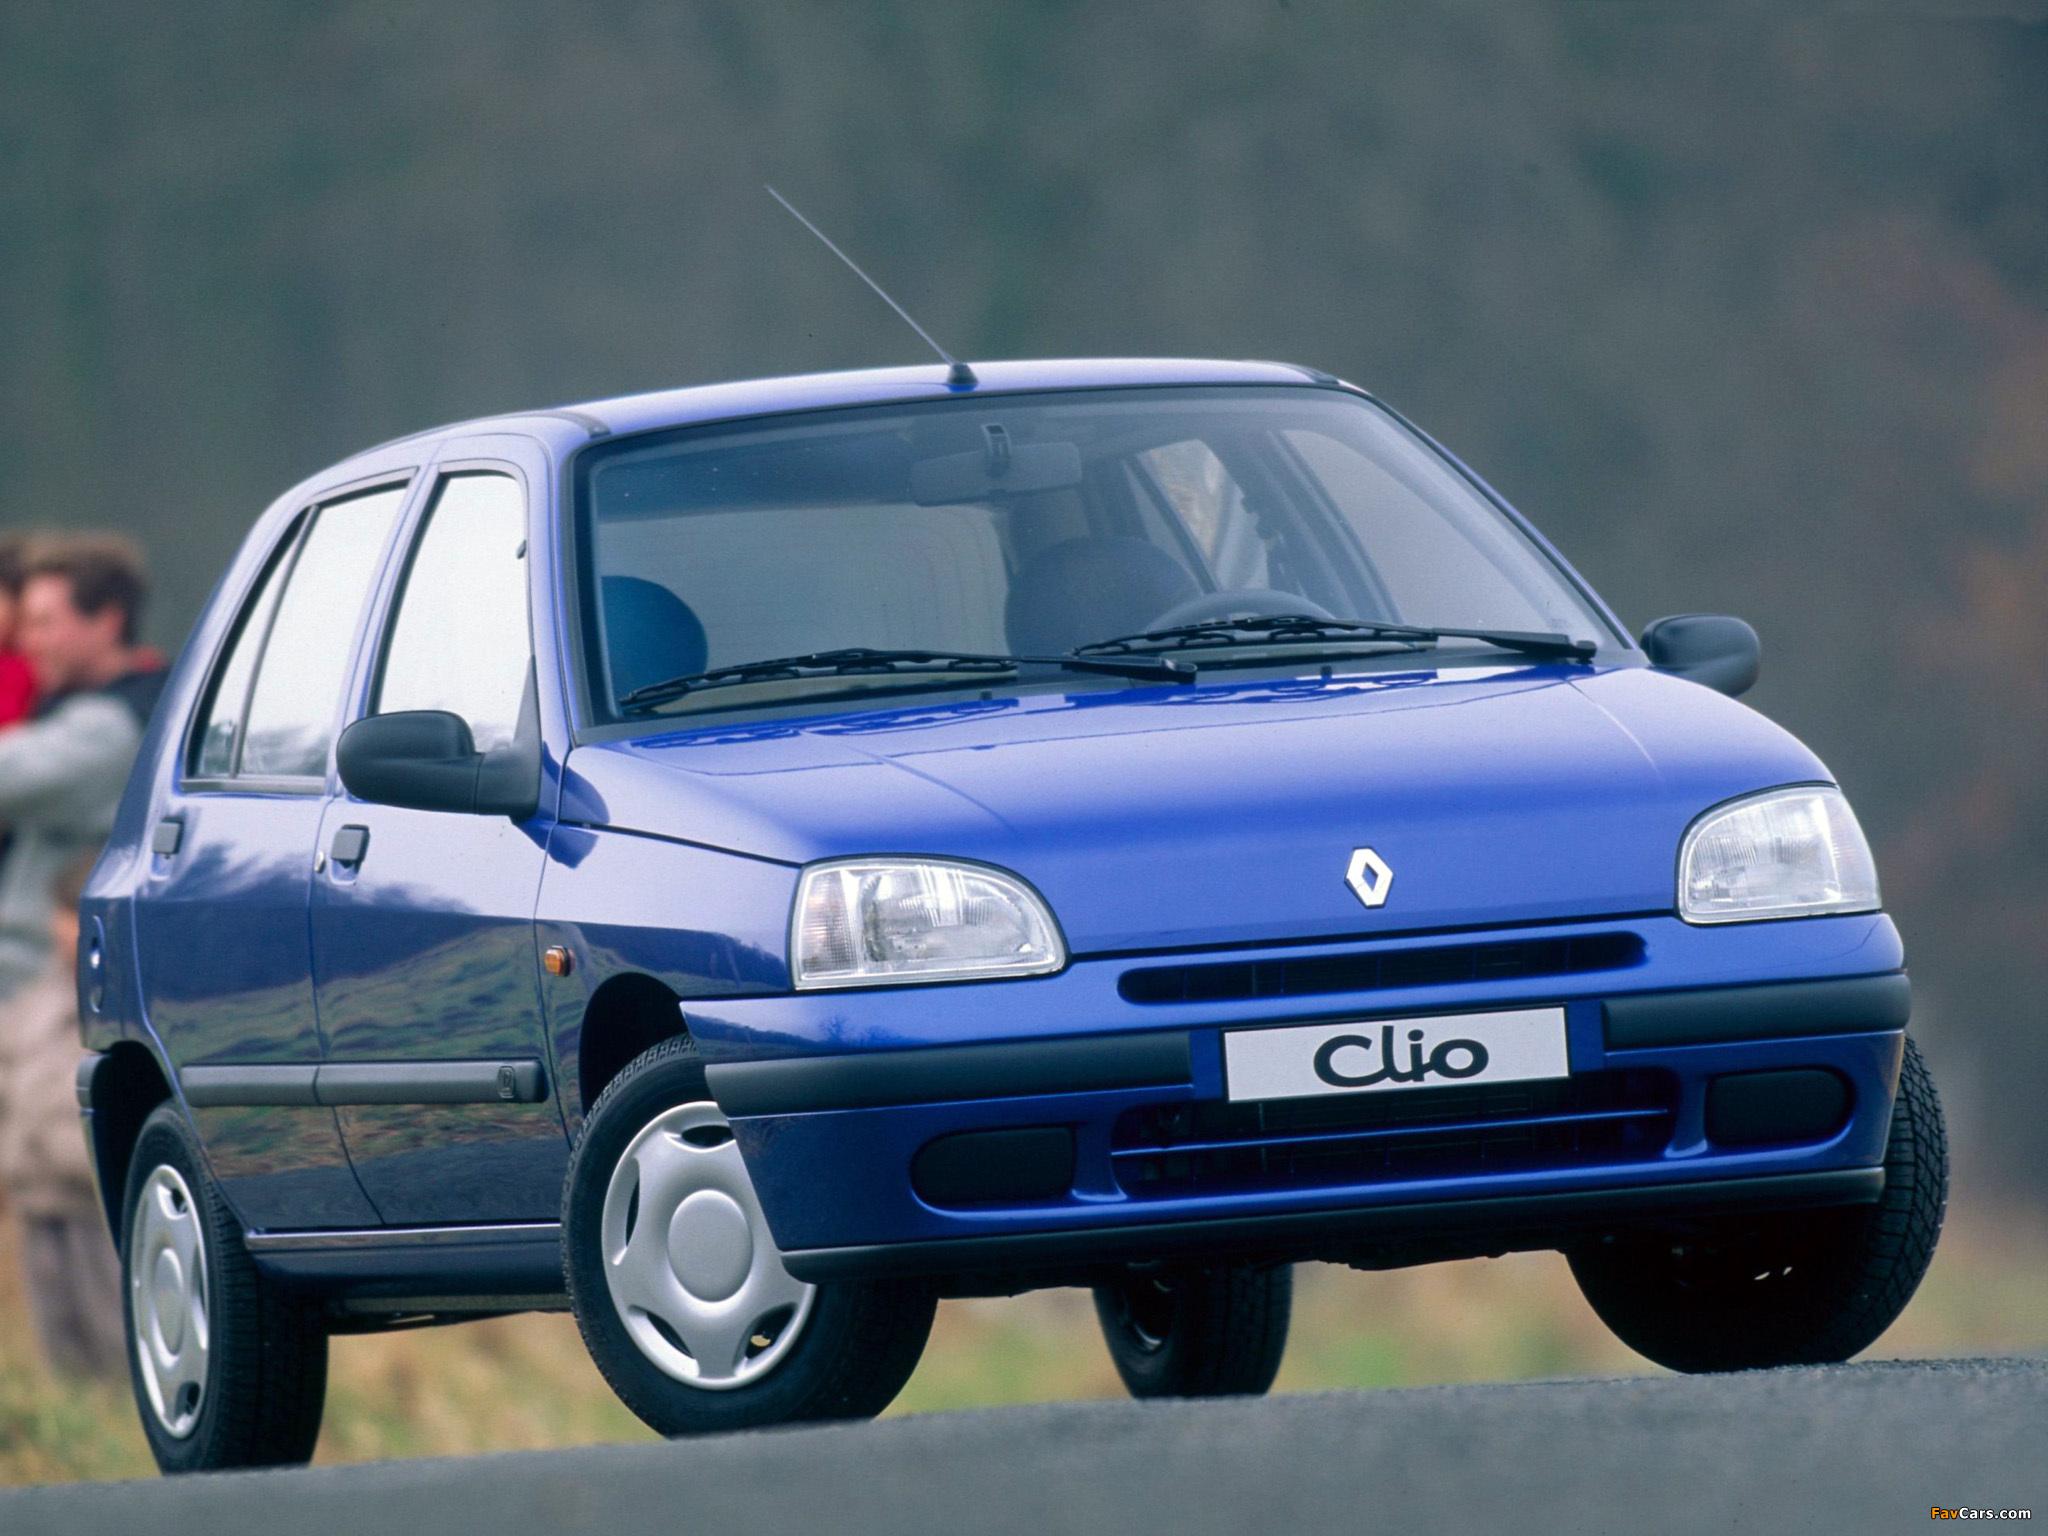 Renault Clio 5 Door 1990 97 Pictures 2048x1536